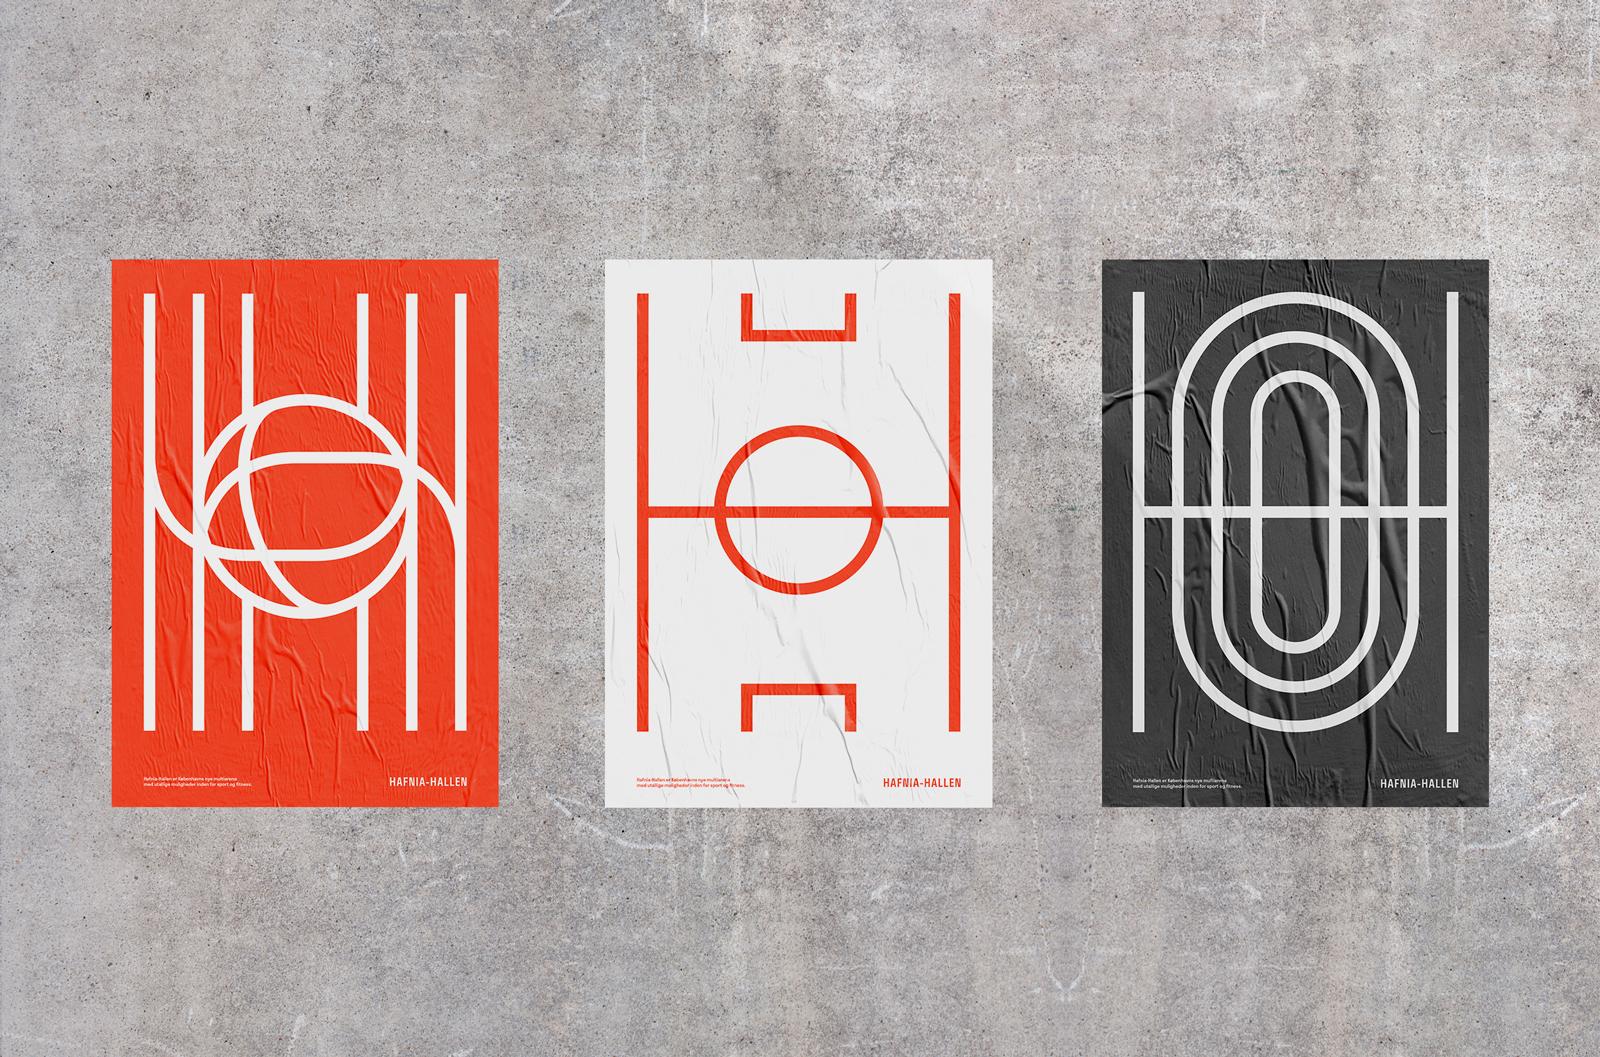 Hafnia-Hallen 体育中心标识设计©Re-public